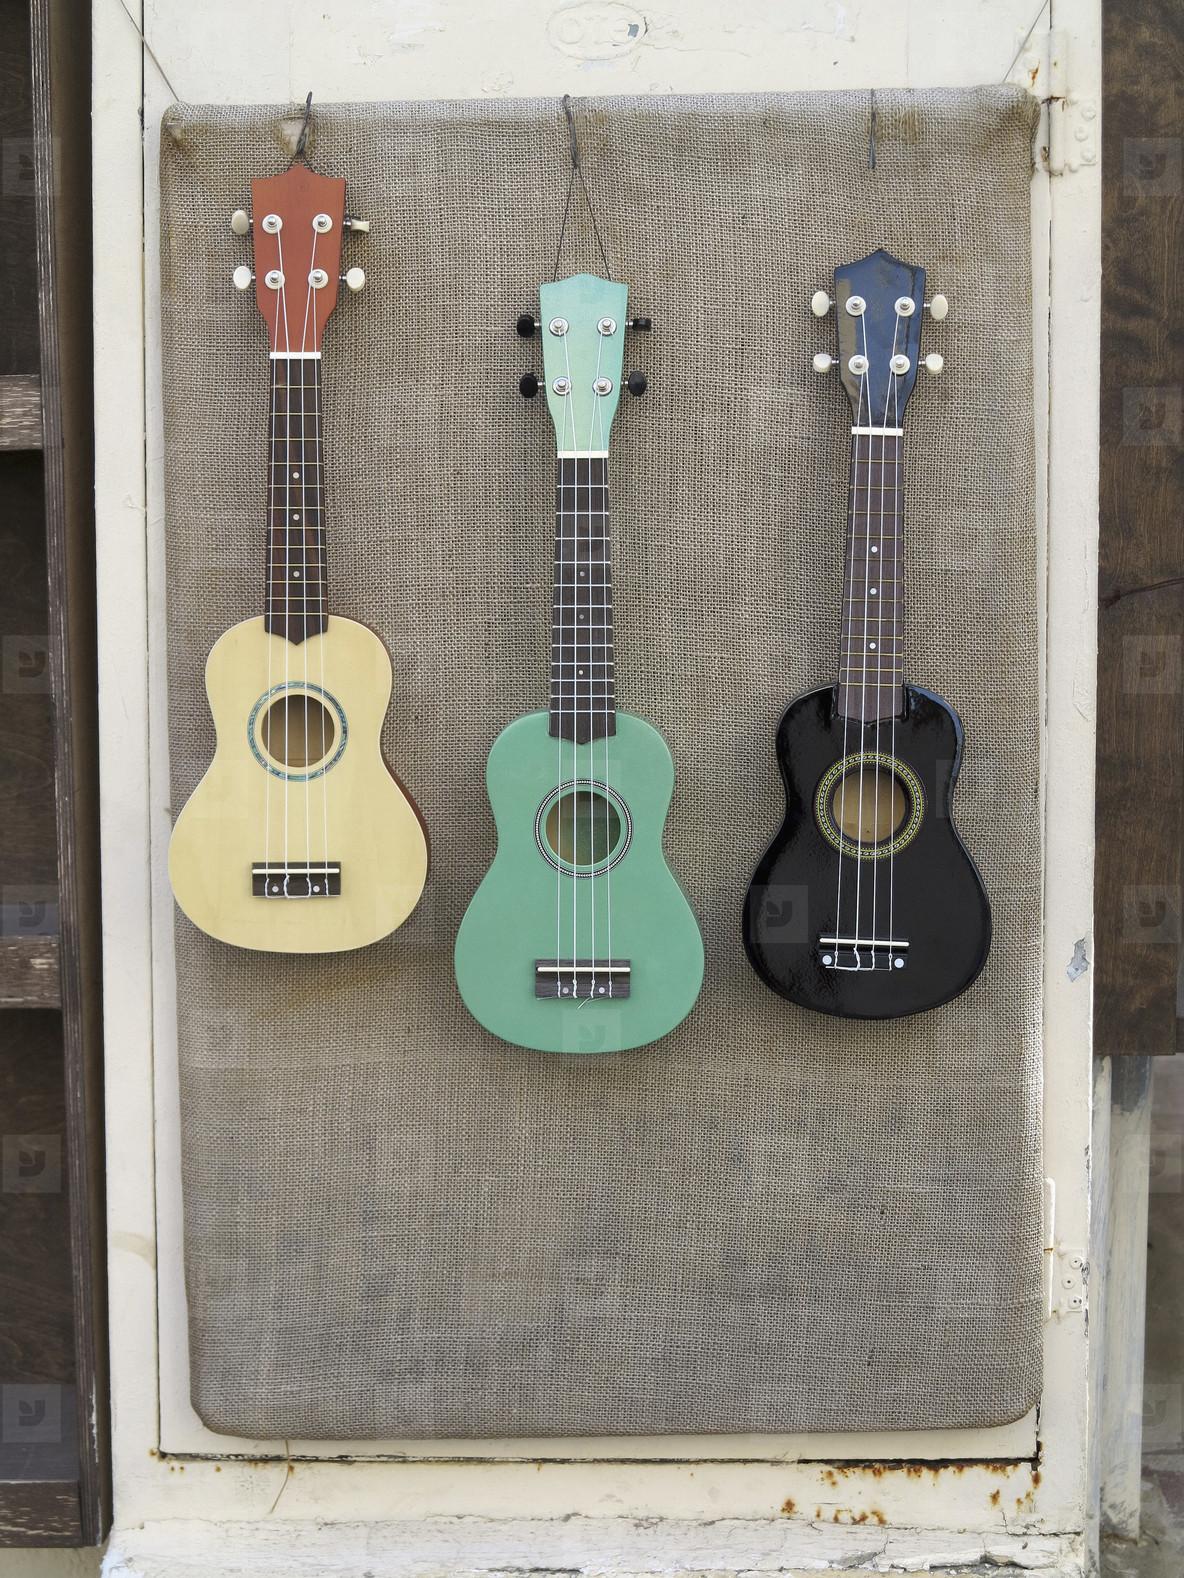 Multicolor guitars hanging art display